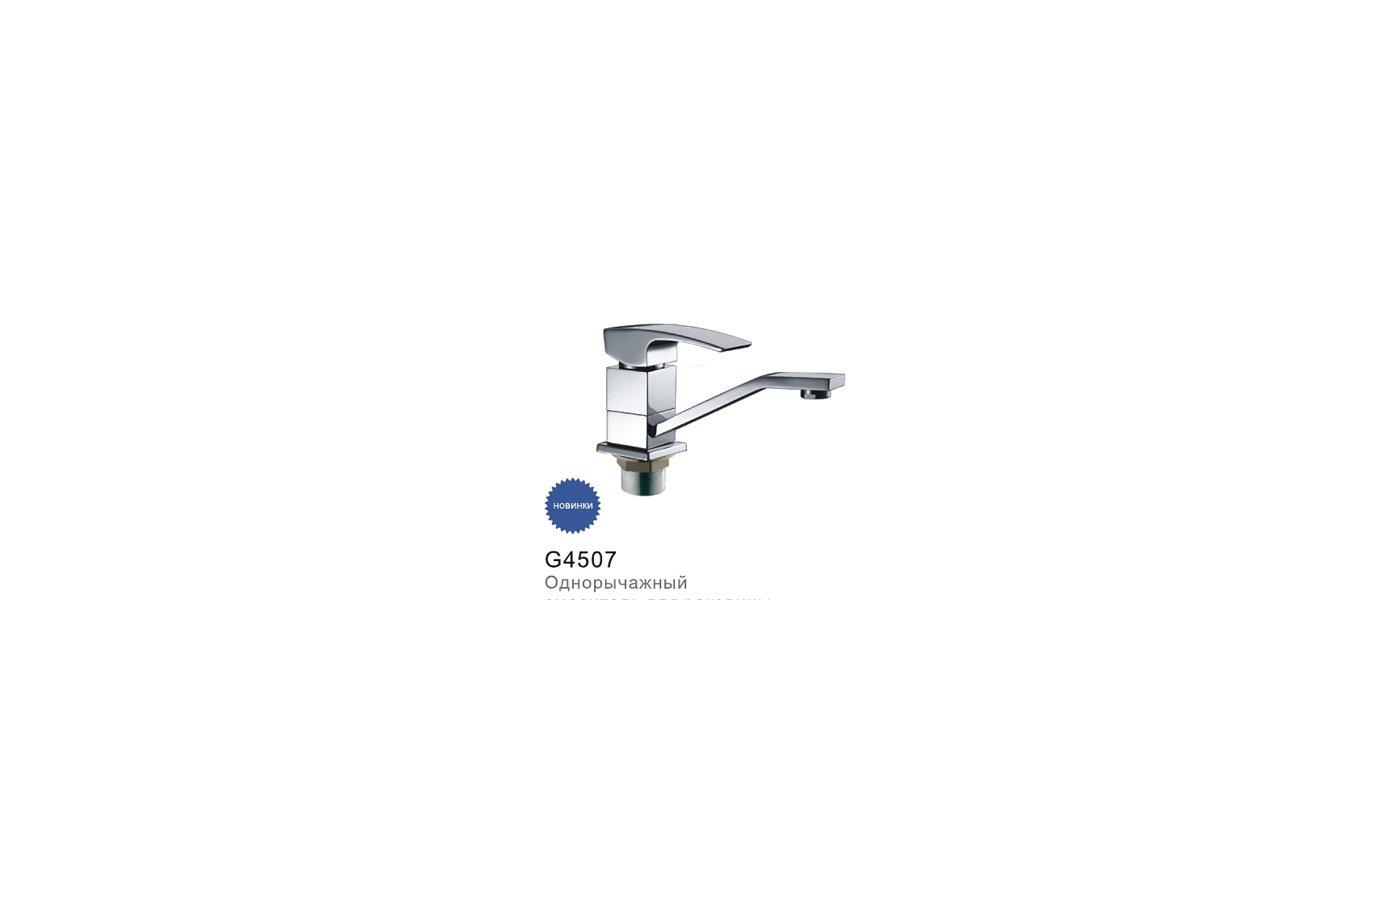 Смеситель FRAP G4507 Смеситель на умывальник